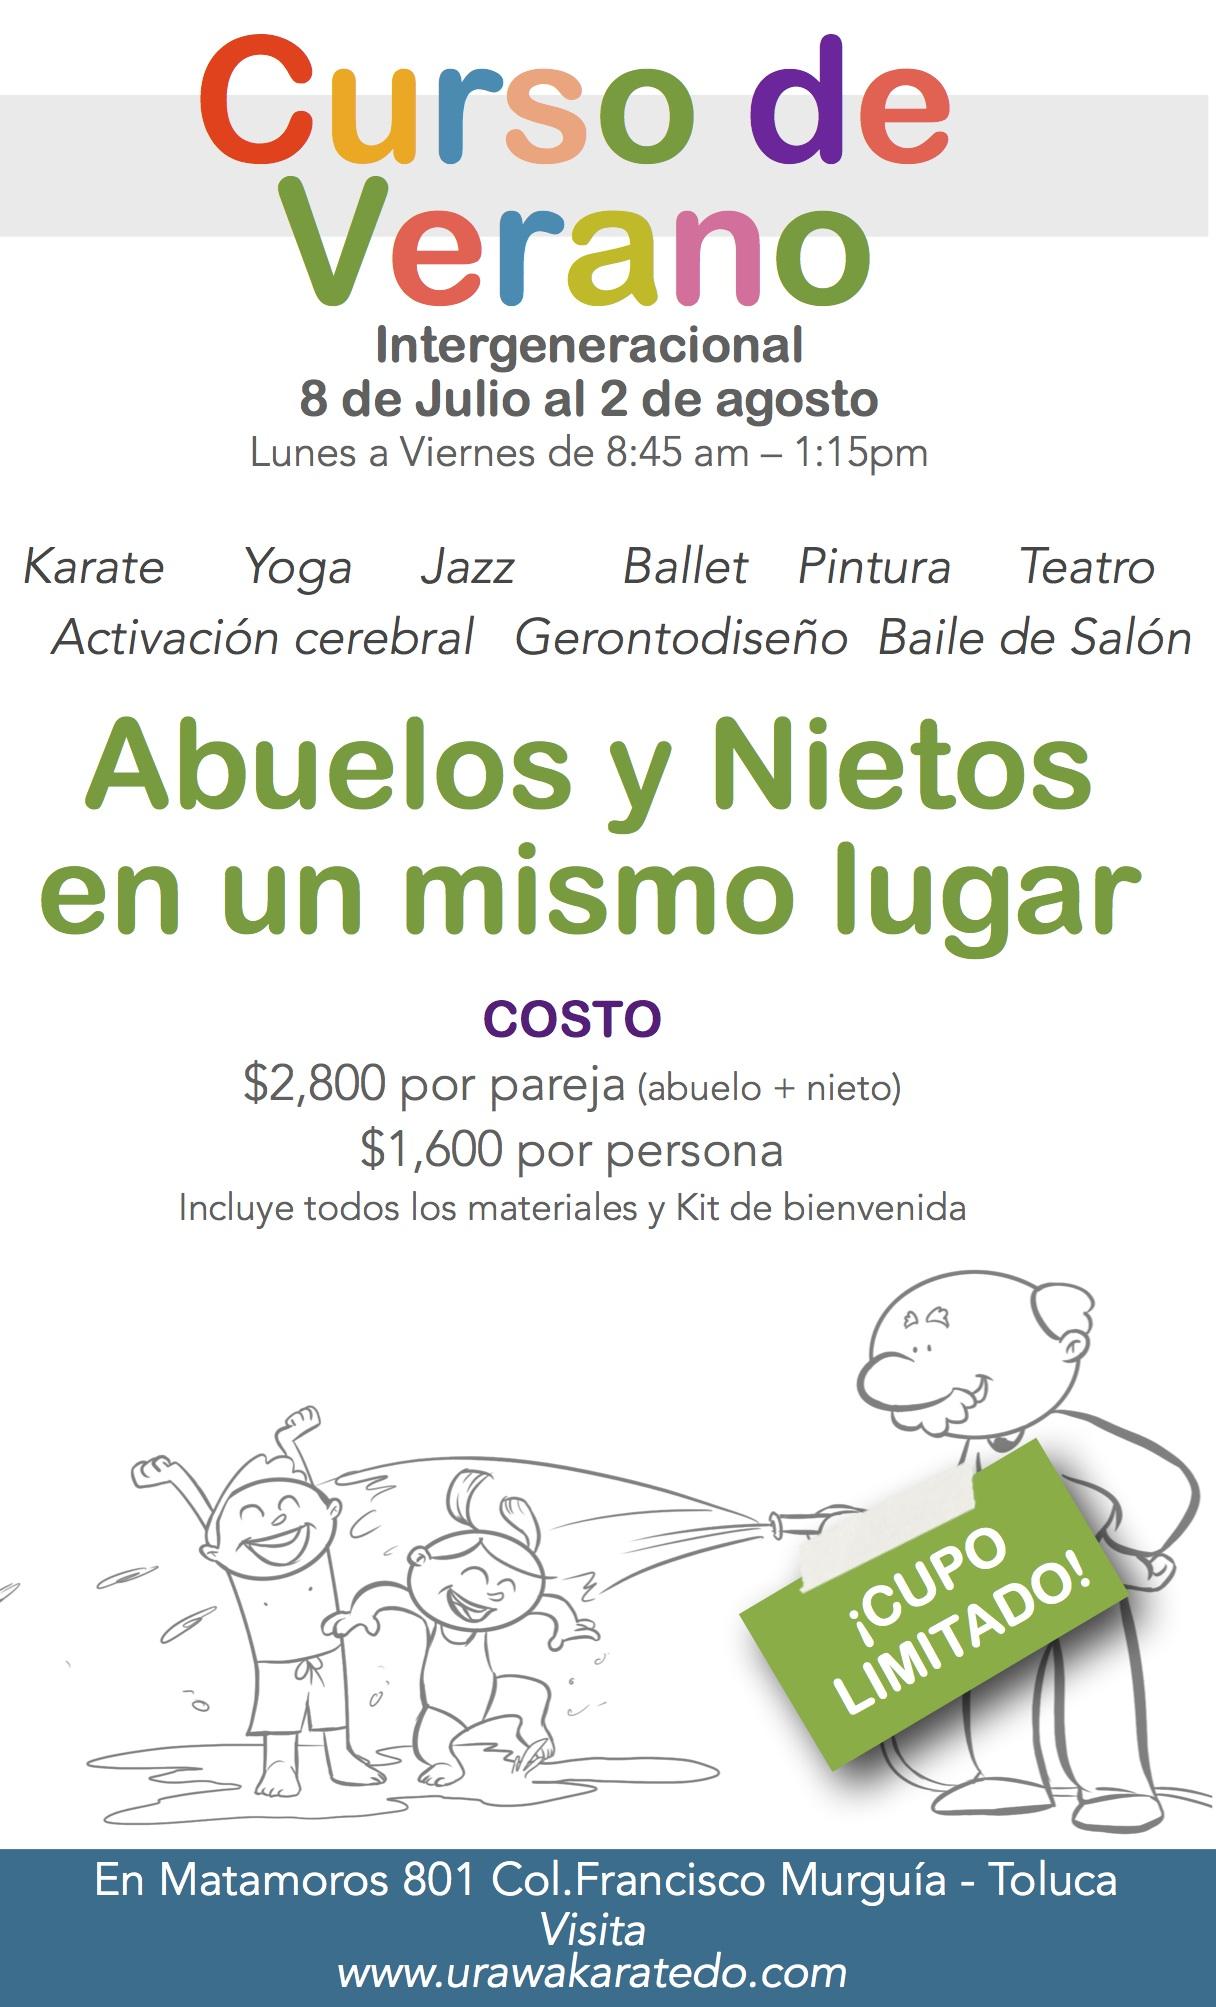 Curso de verano en Toluca